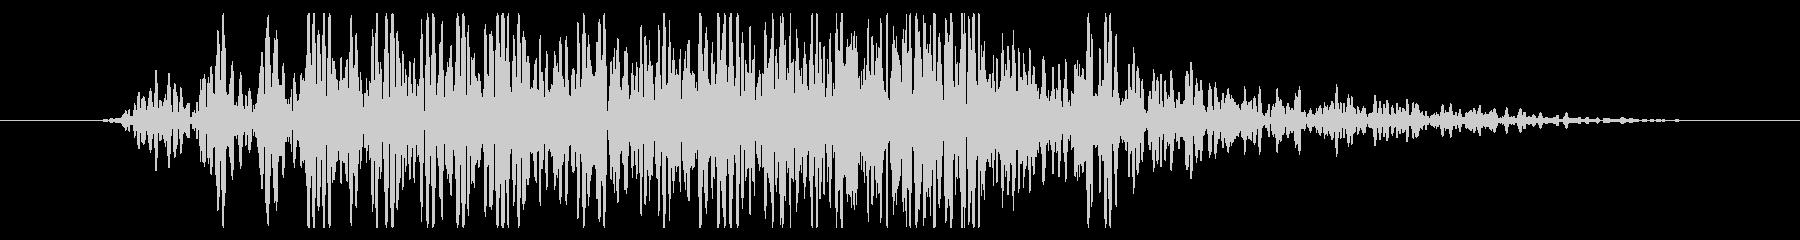 斬撃 ディープスコールヘビーショート03の未再生の波形